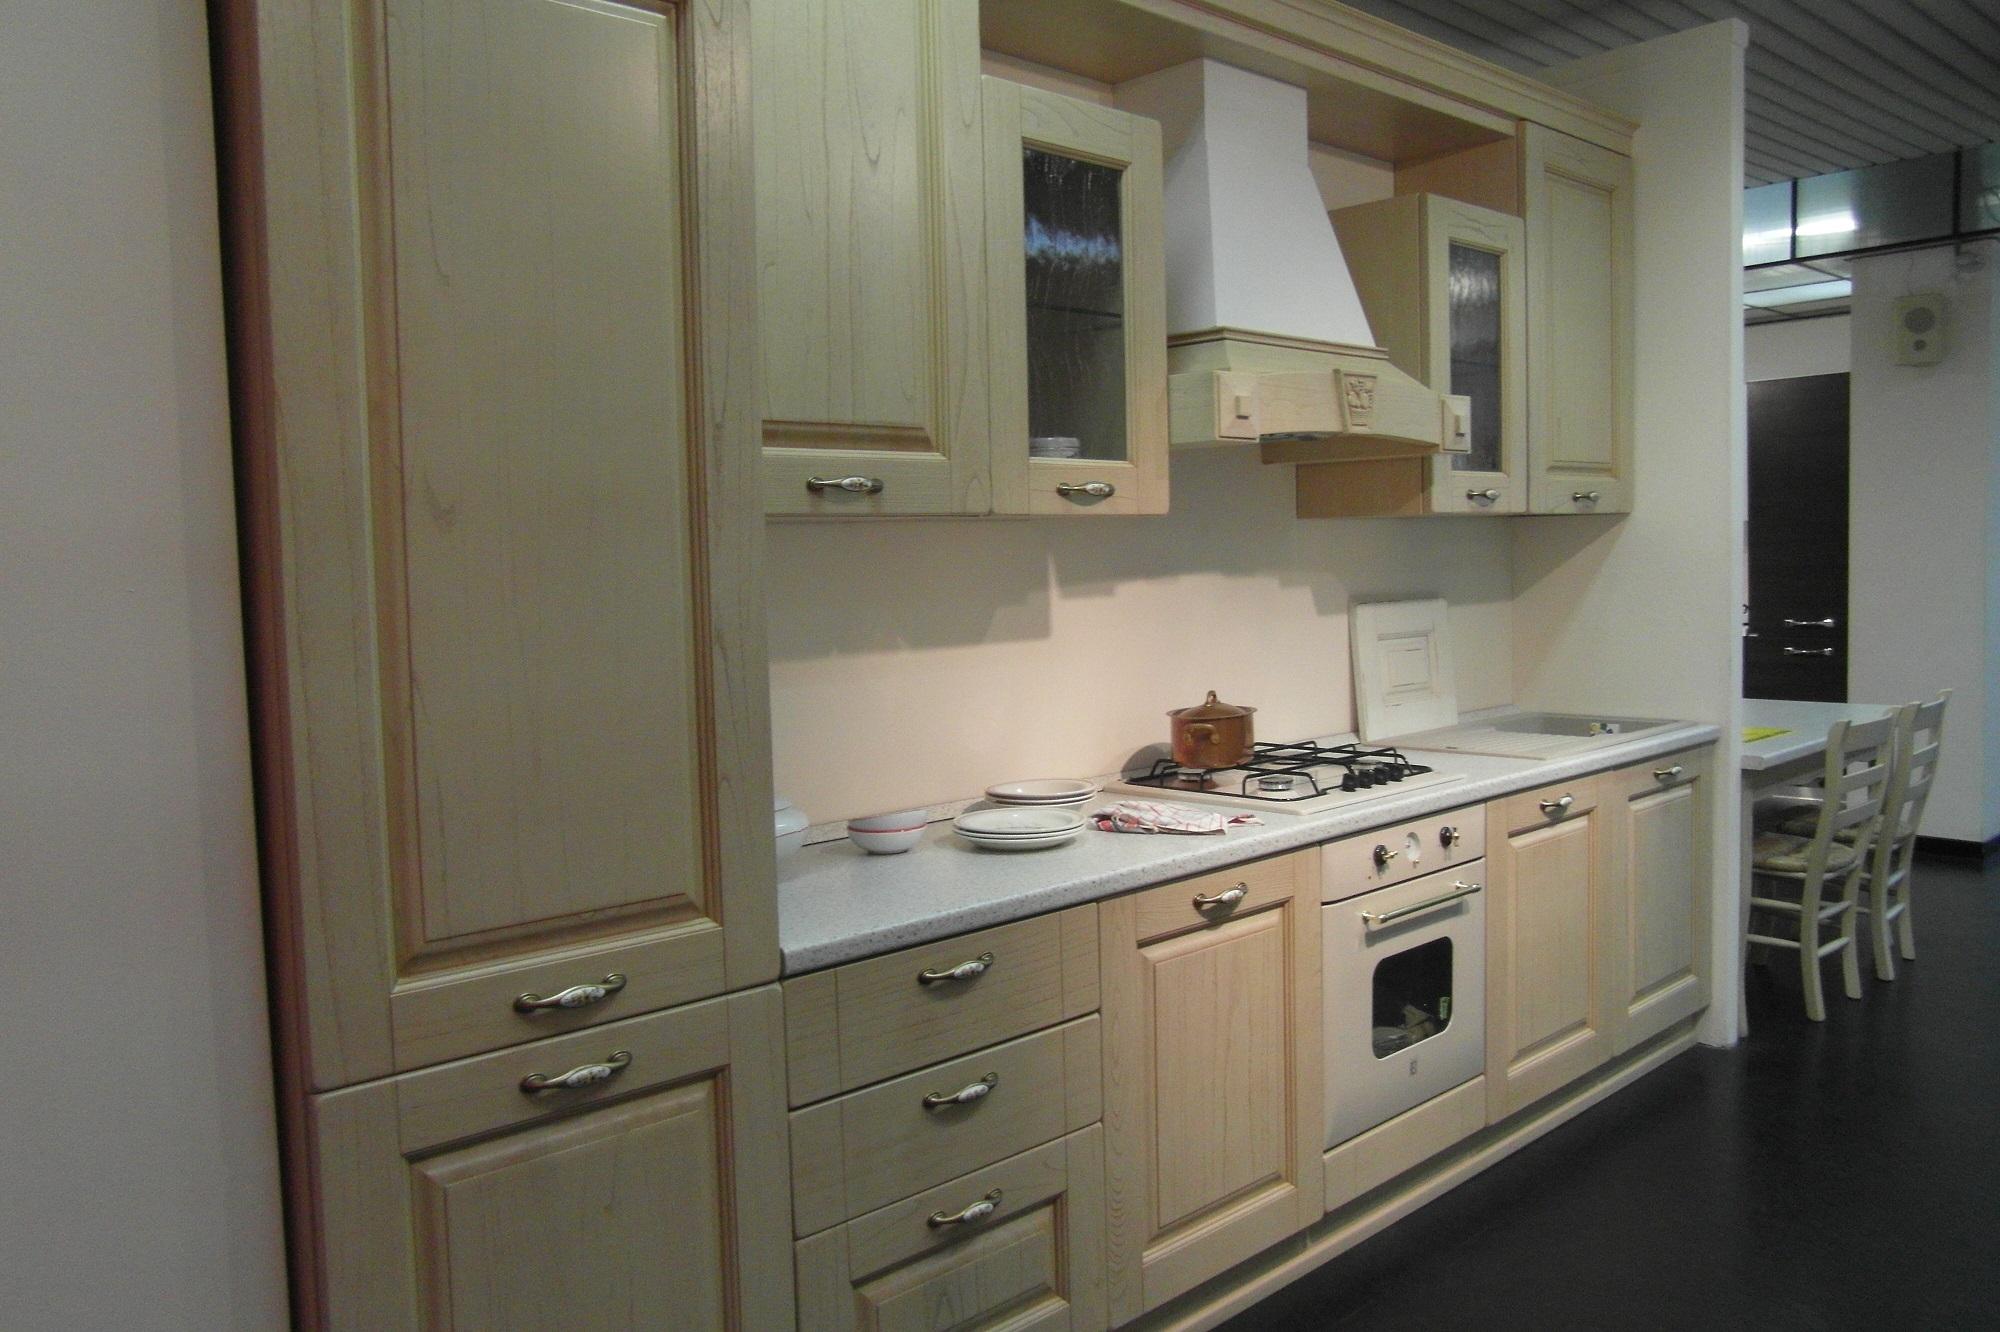 cucina classica rovere decapato beige cucine a prezzi